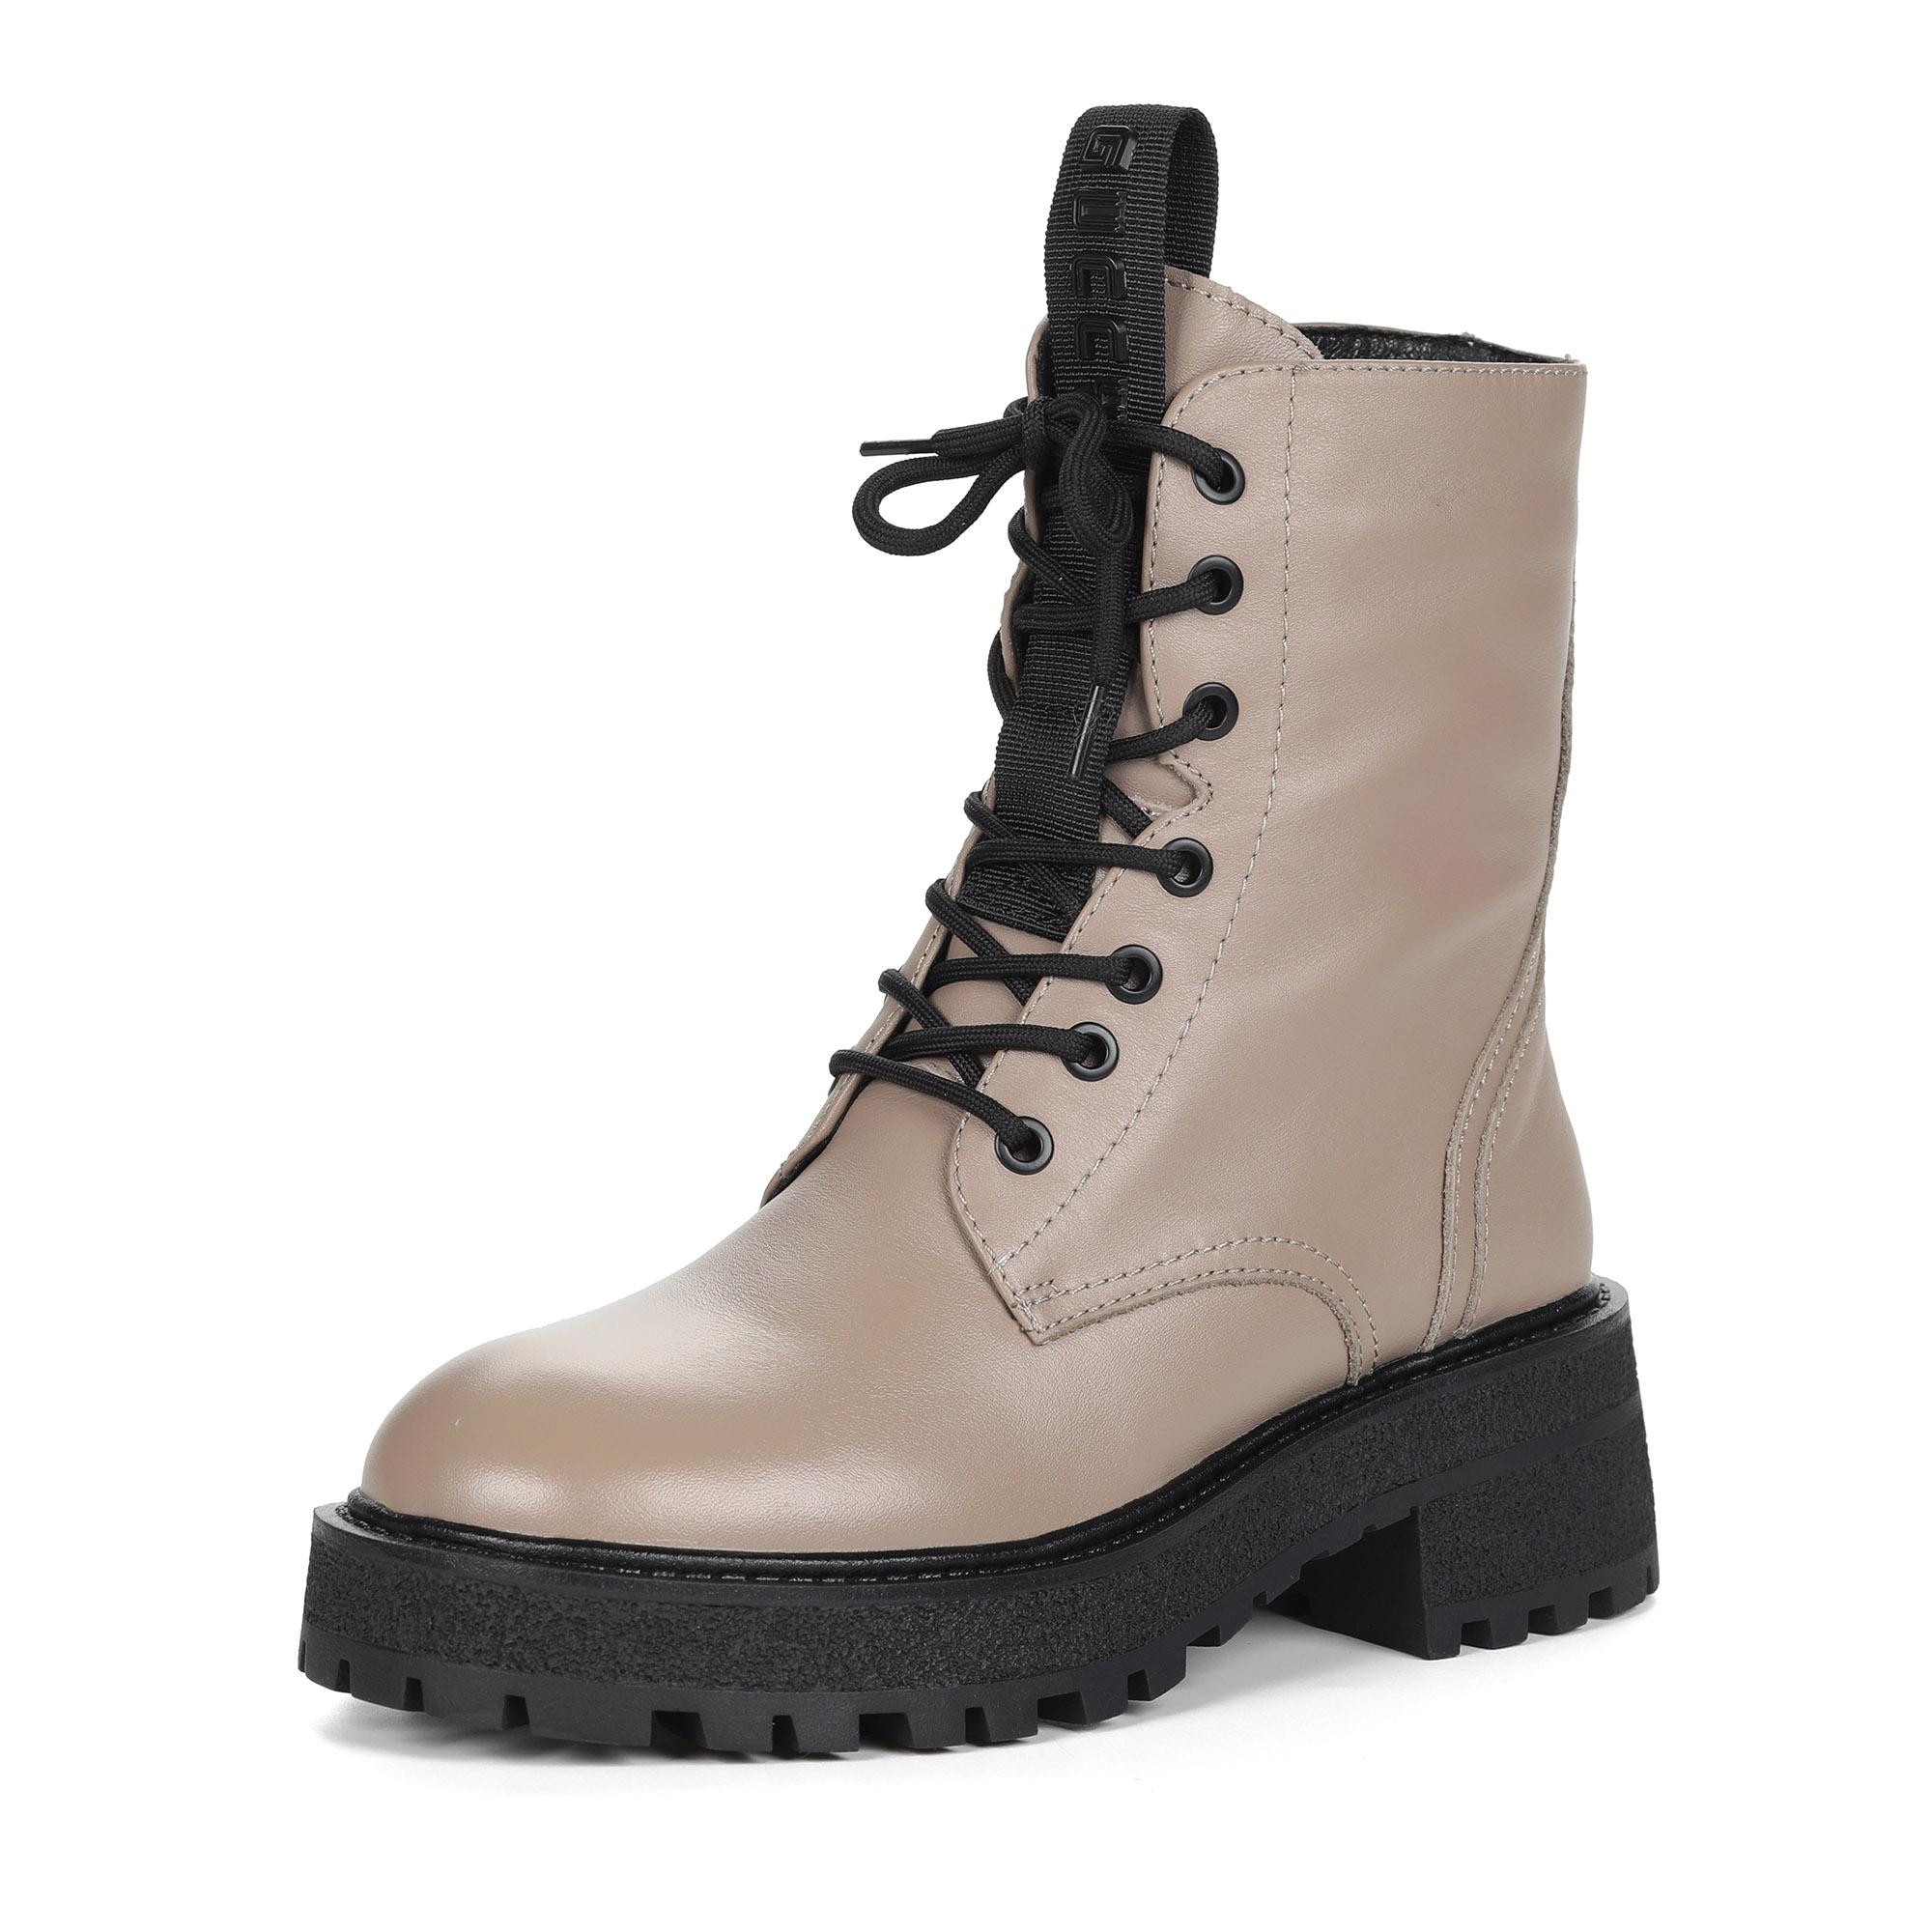 Бежевые ботинки из кожи на утолщенной подошве на подкладке из натуральной шерсти на шнуровке